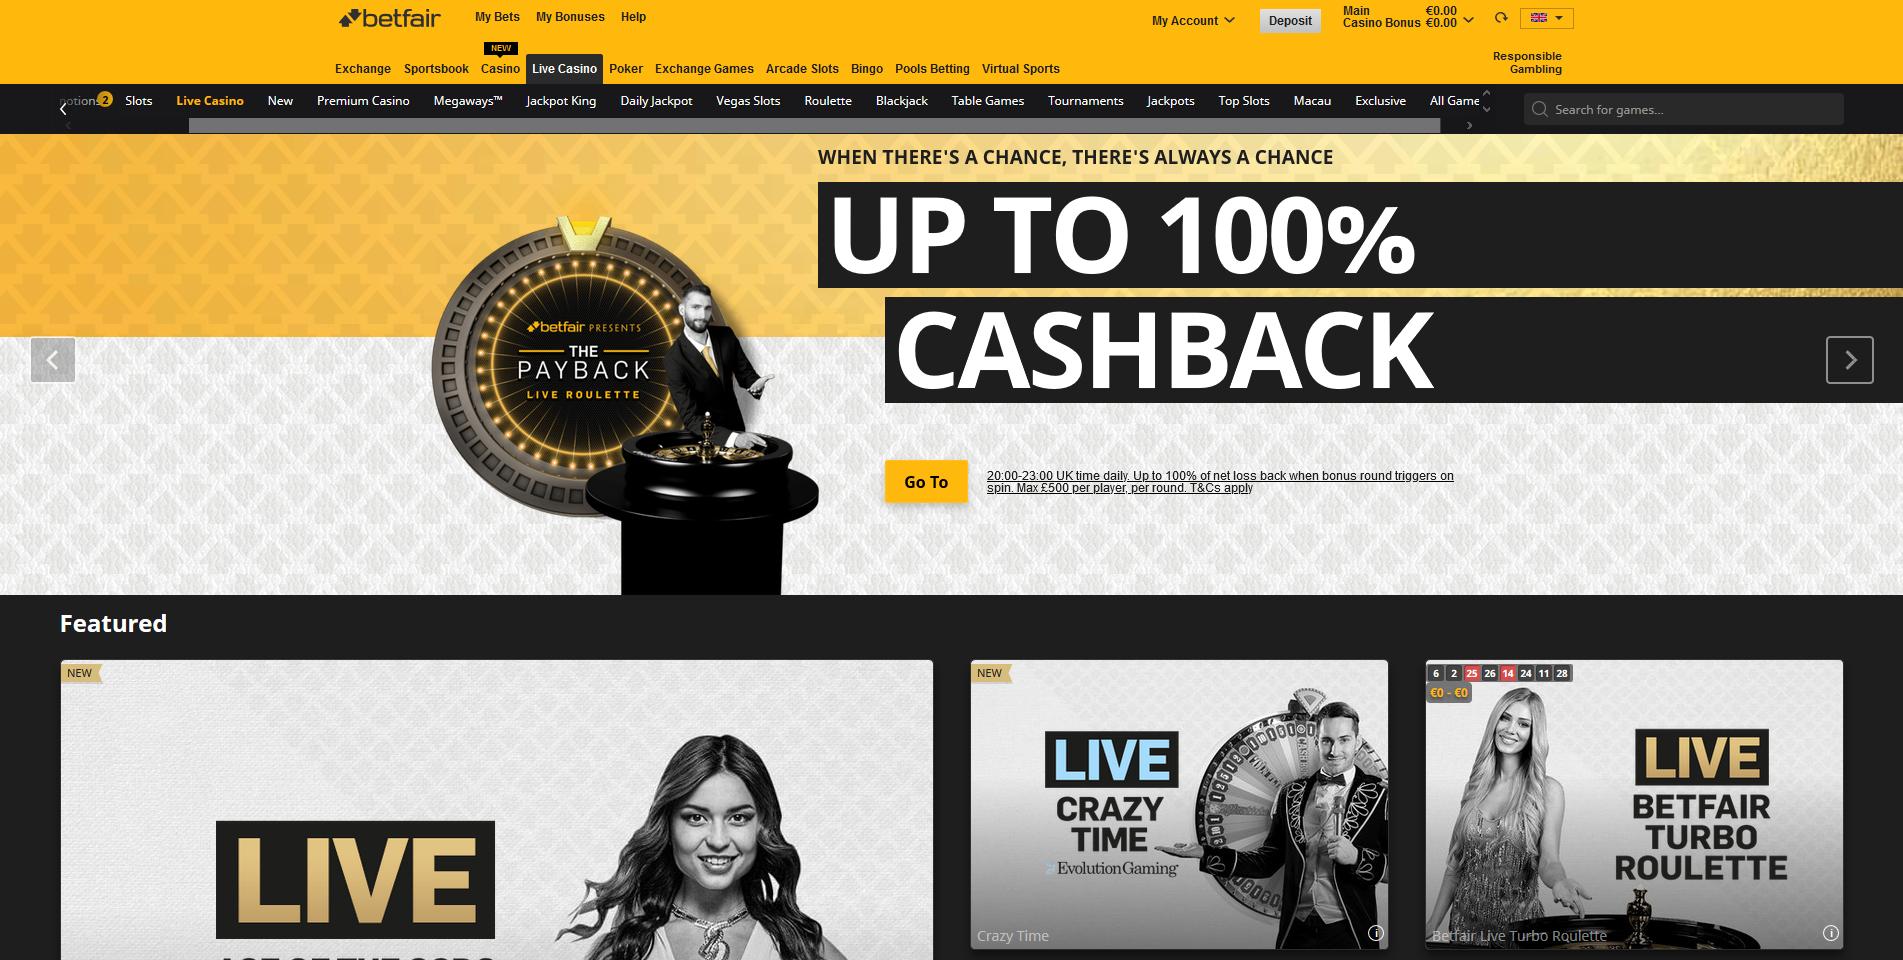 betfair live casino ruletė blackjack 100% cashback pinigų grąžinimas crazy time live kazino